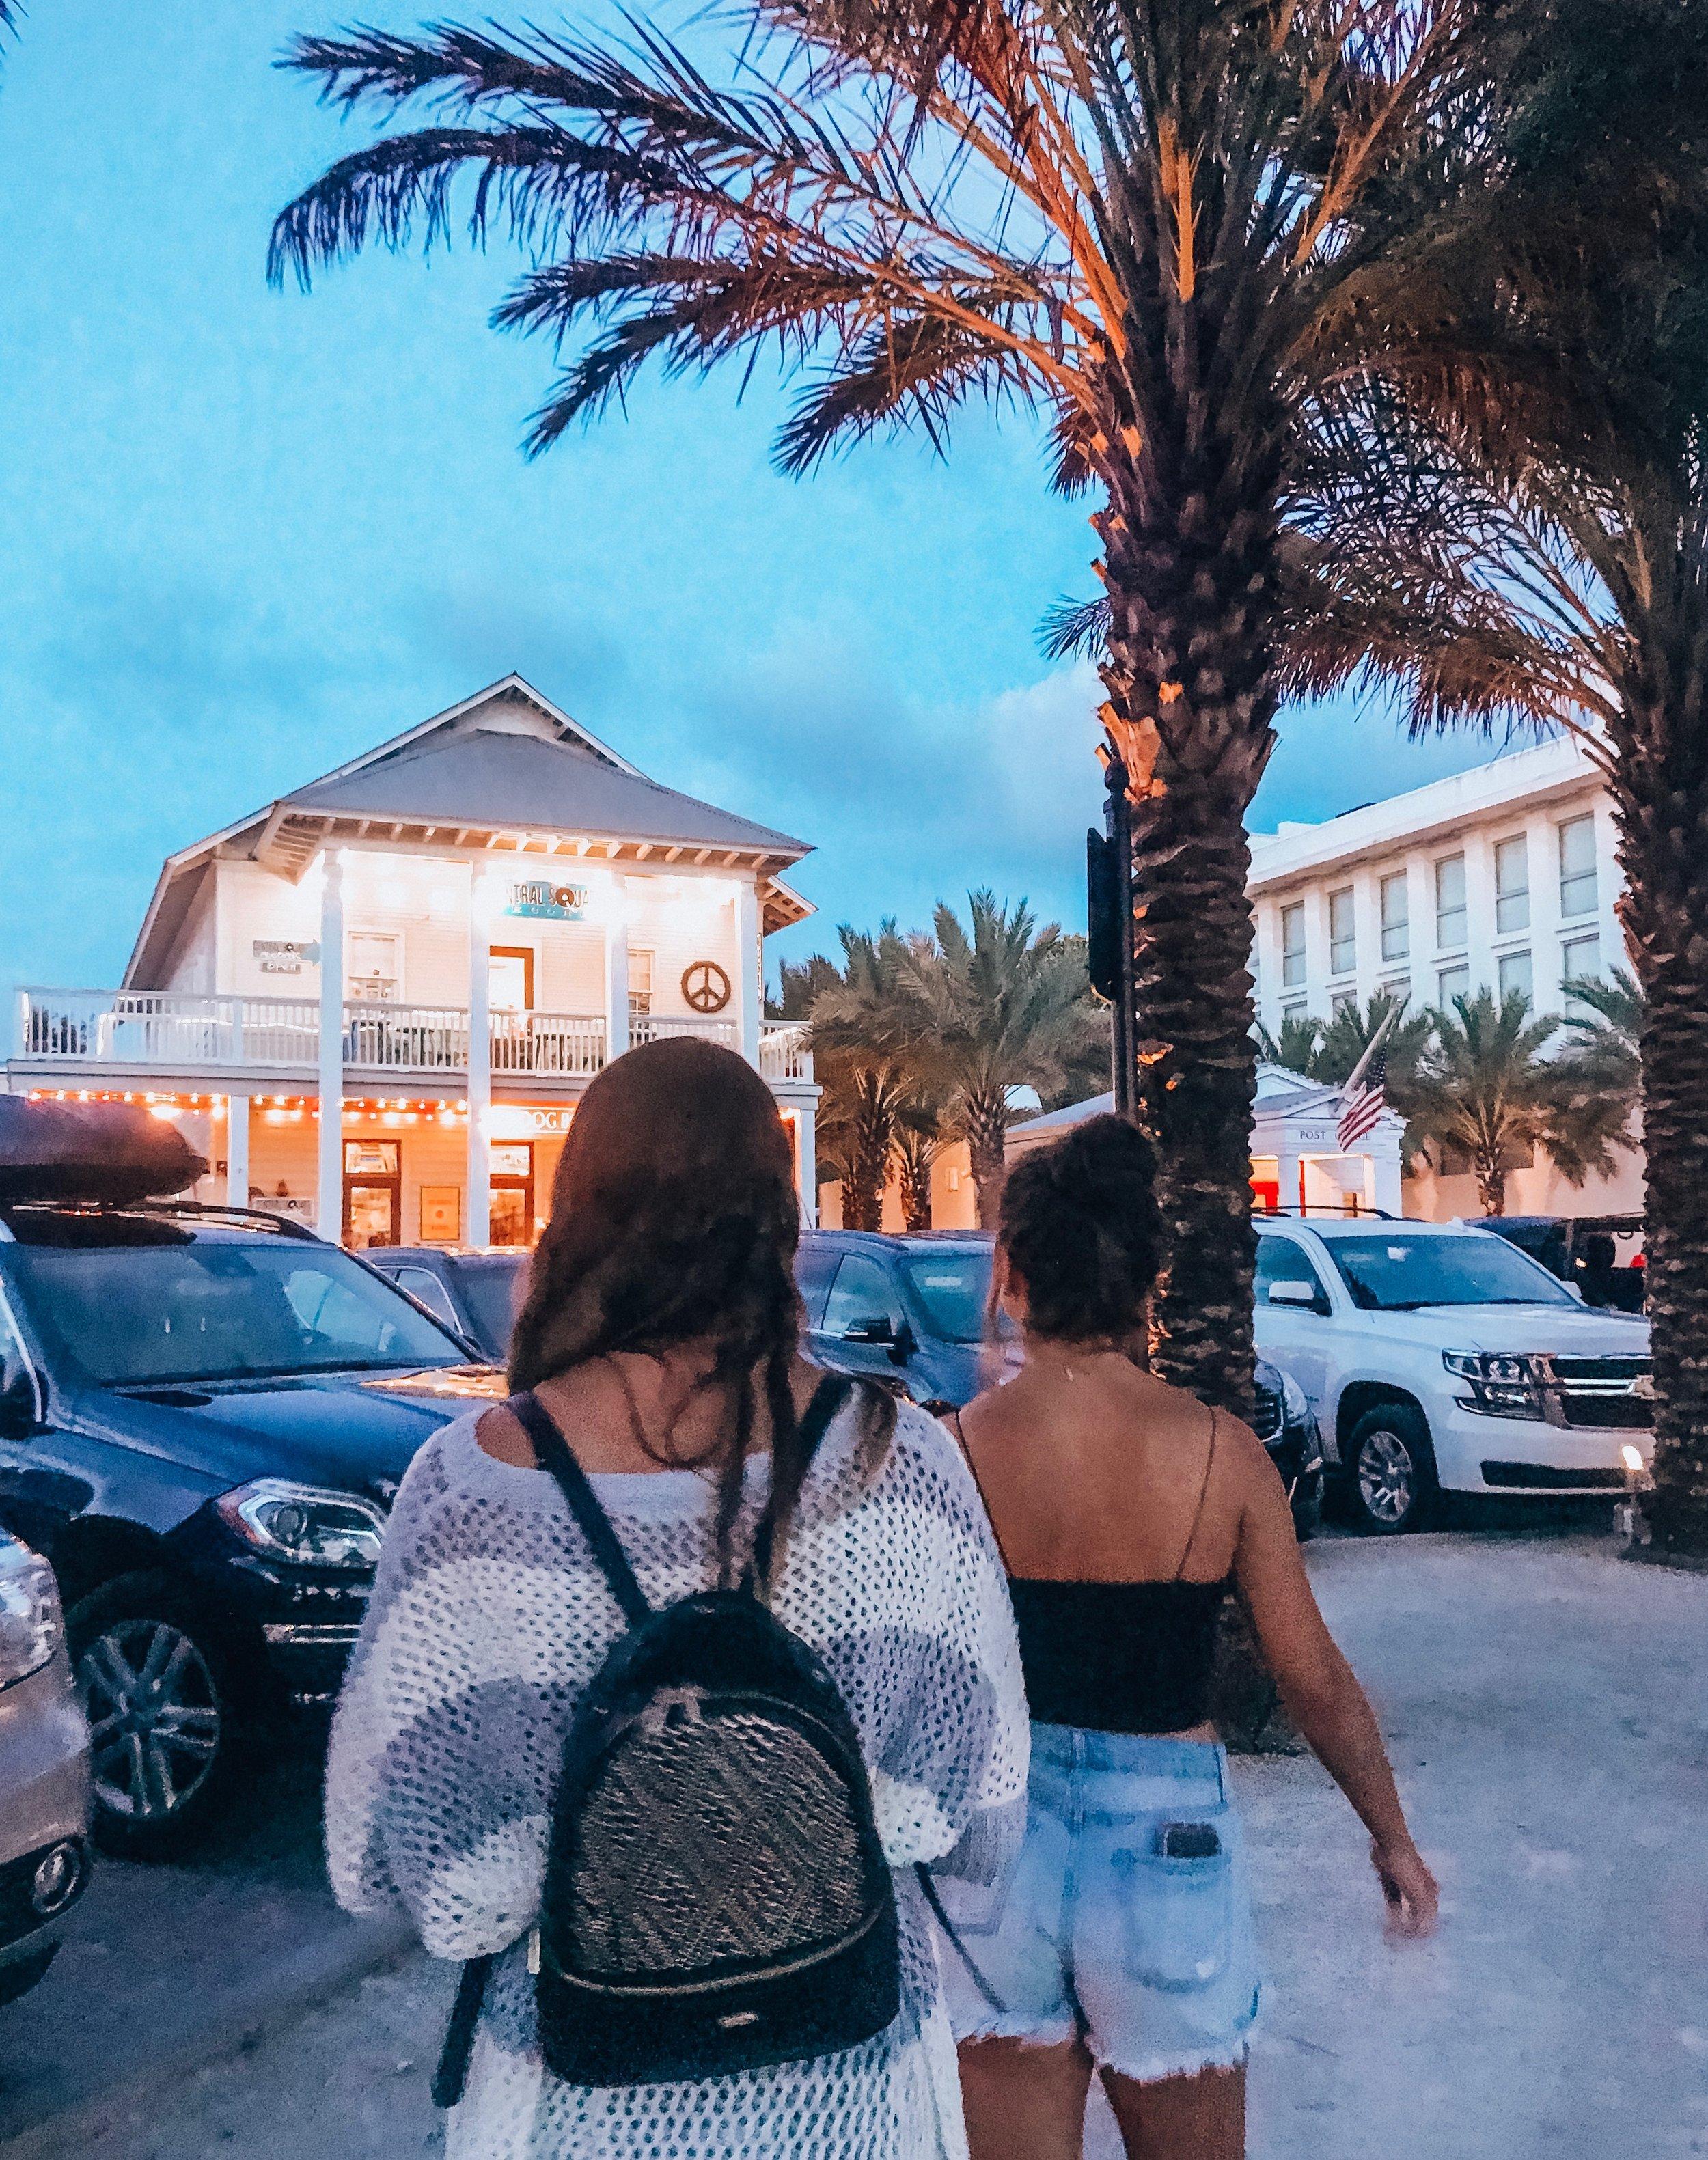 Seaside Square at night -